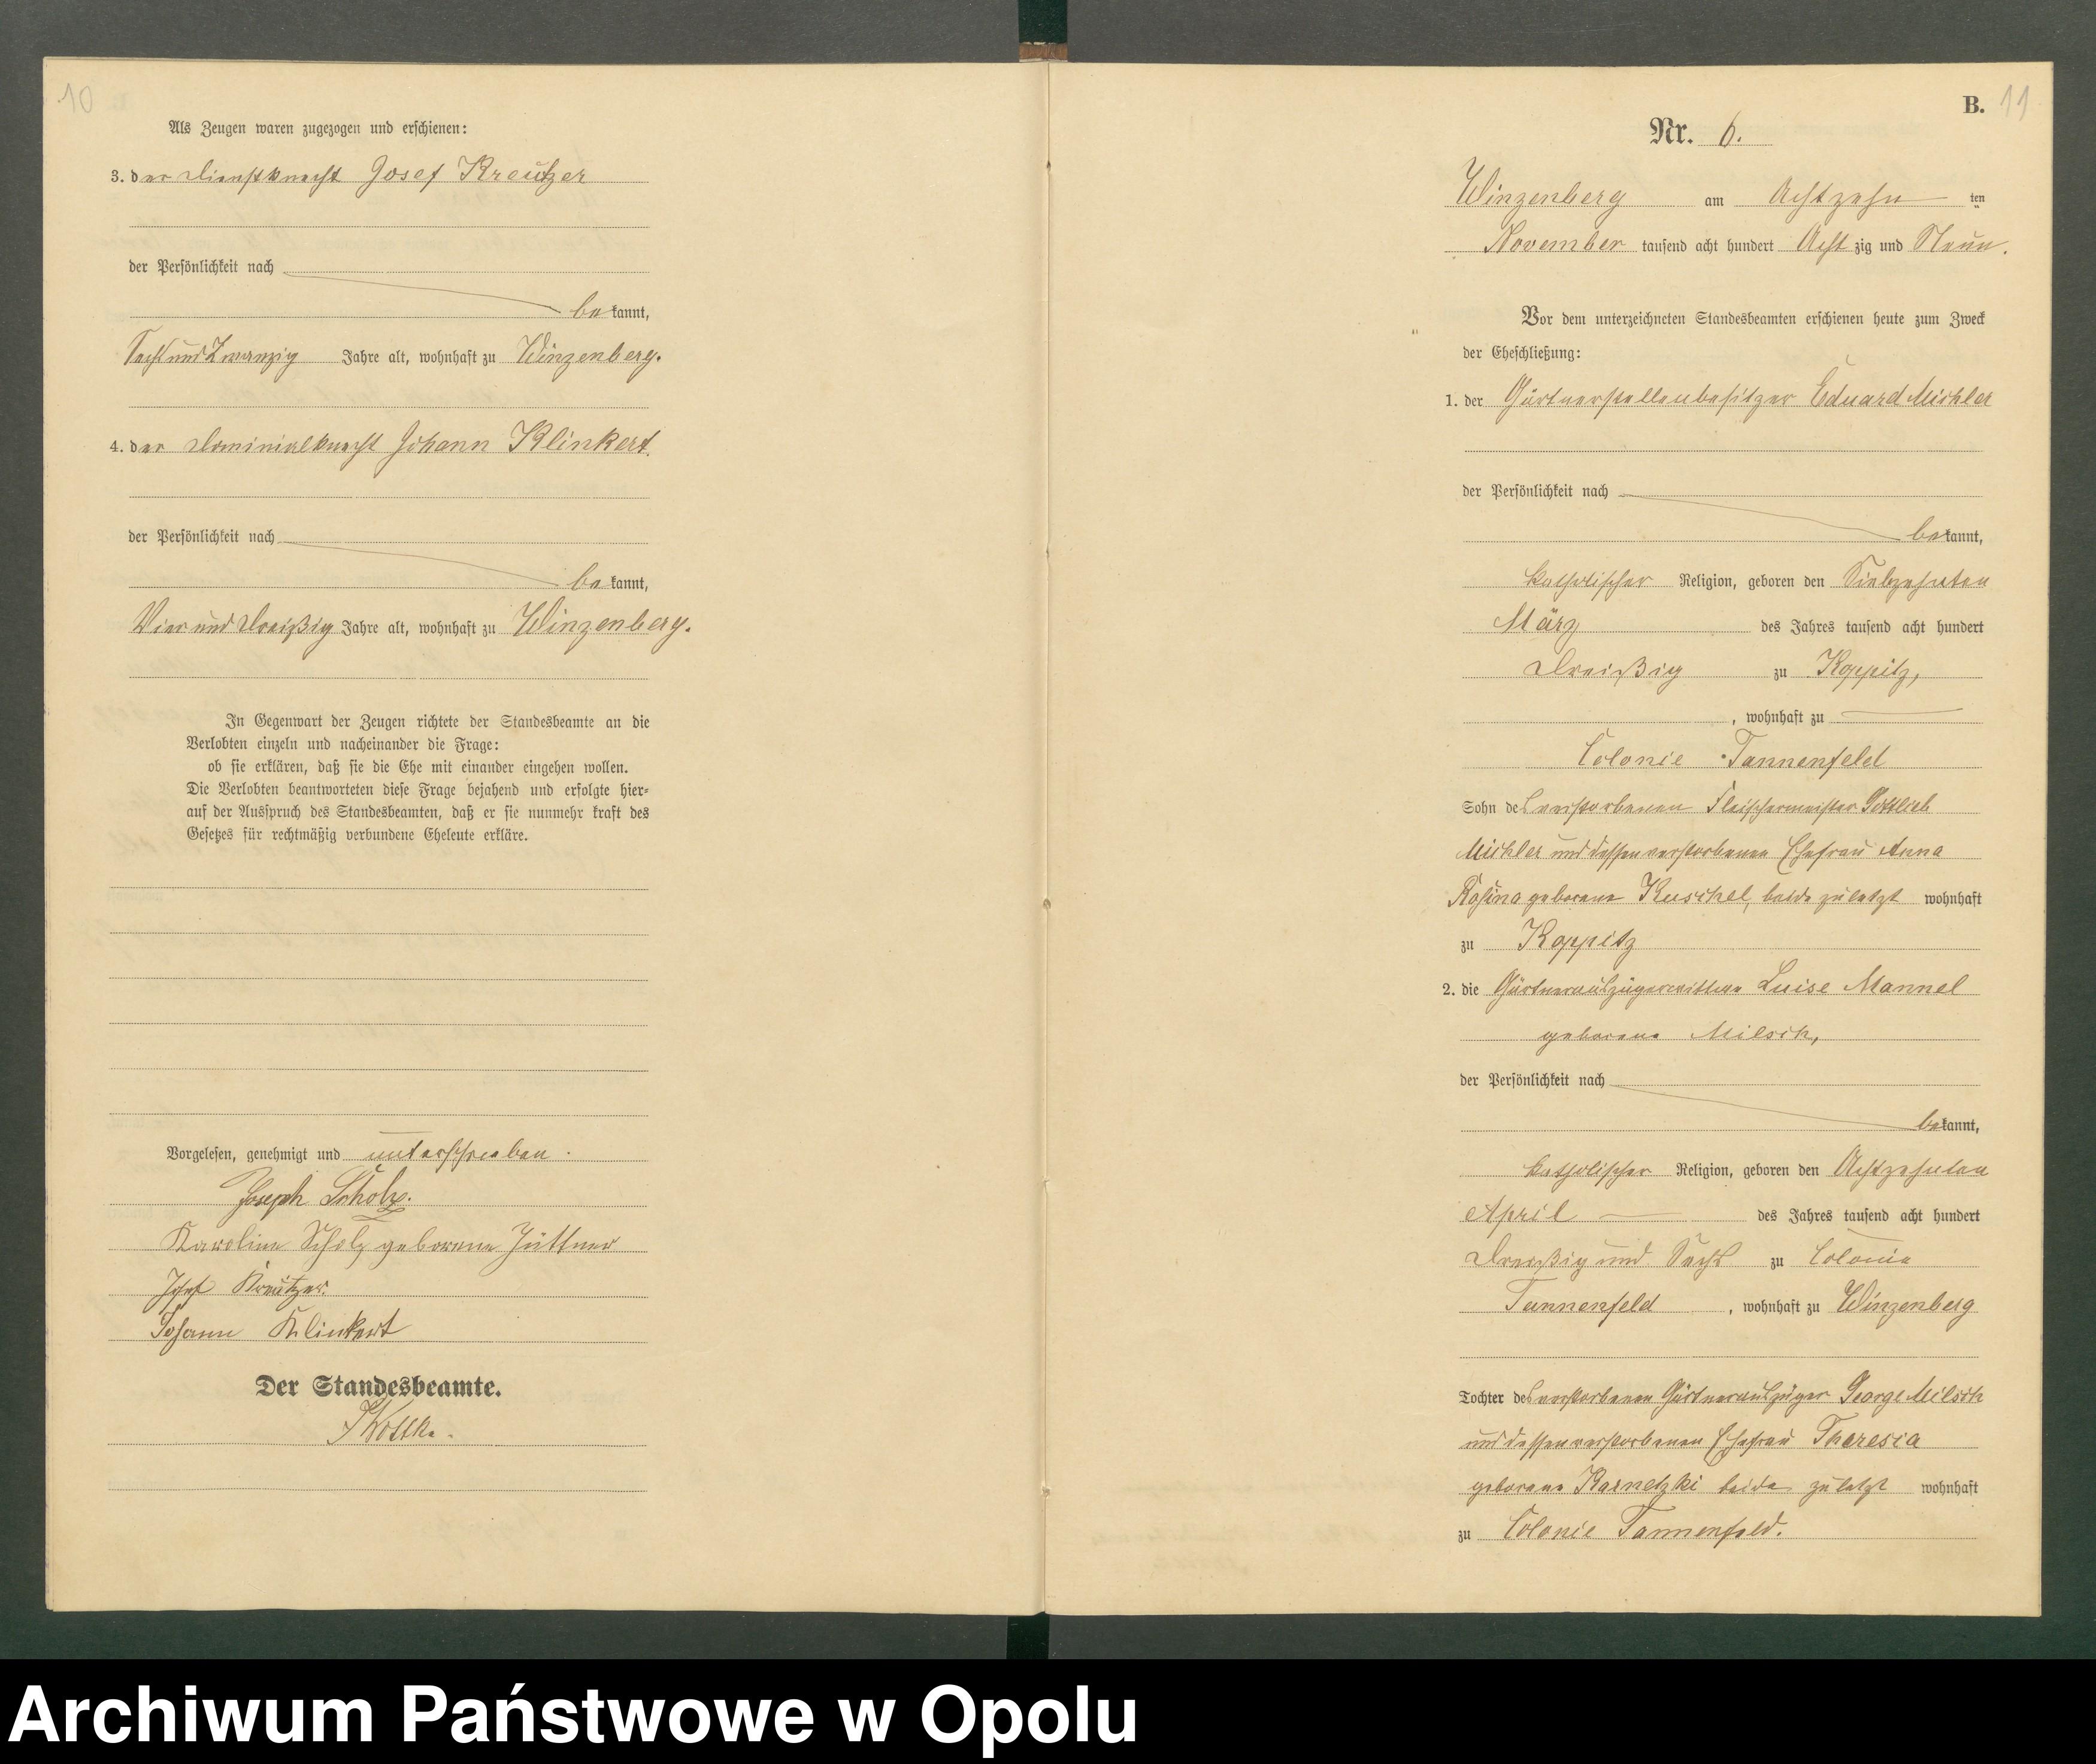 Skan z jednostki: Heiraths-Haupt-Register Standesamts Winzenberg pro 1889